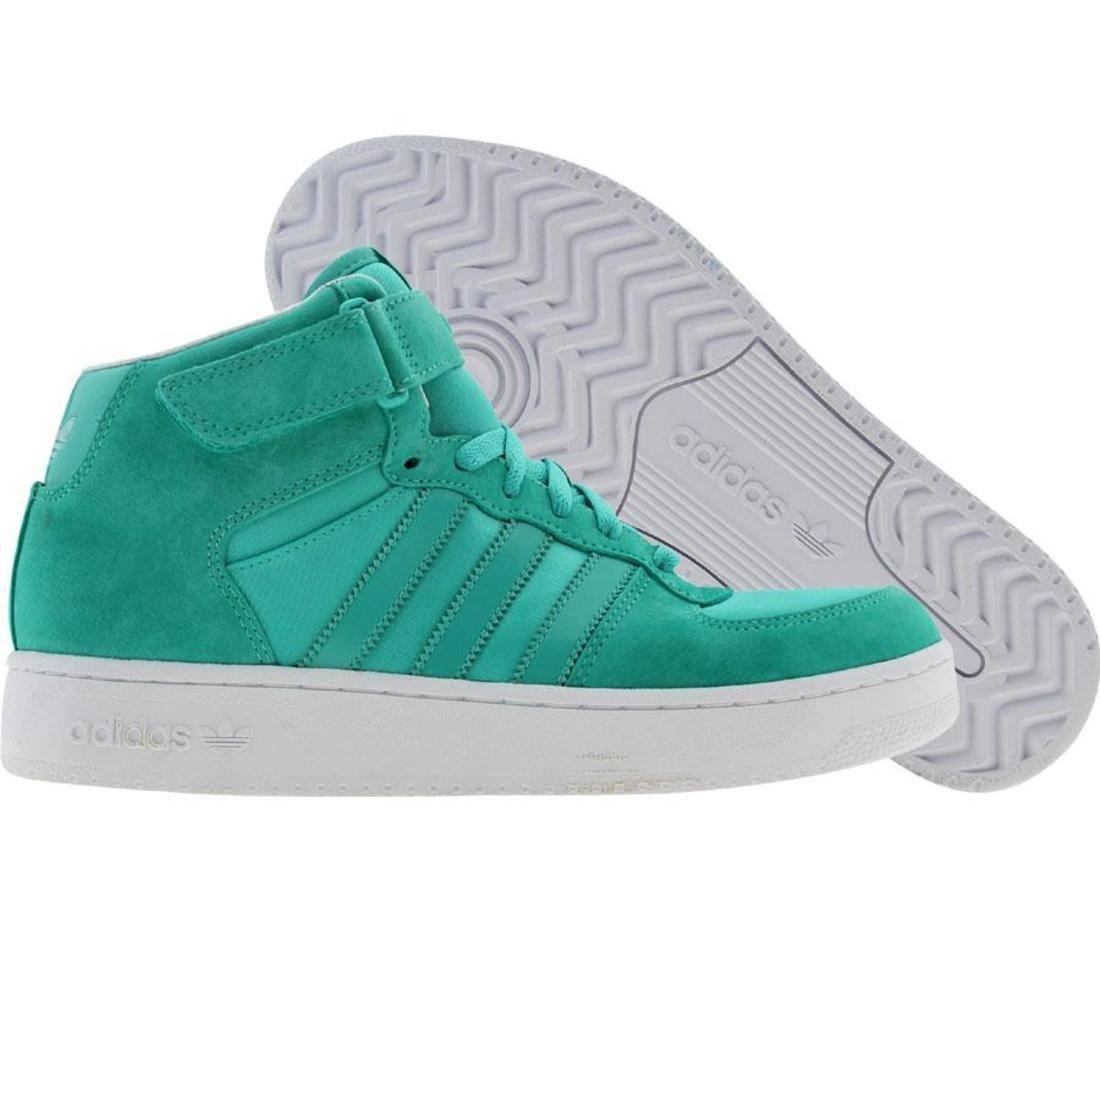 【海外限定】アディダス フォーラム ミッド 緑 グリーン メンズ靴 スニーカー 【 ADIDAS GREEN FORUM ADV MID PURE WHITE 】